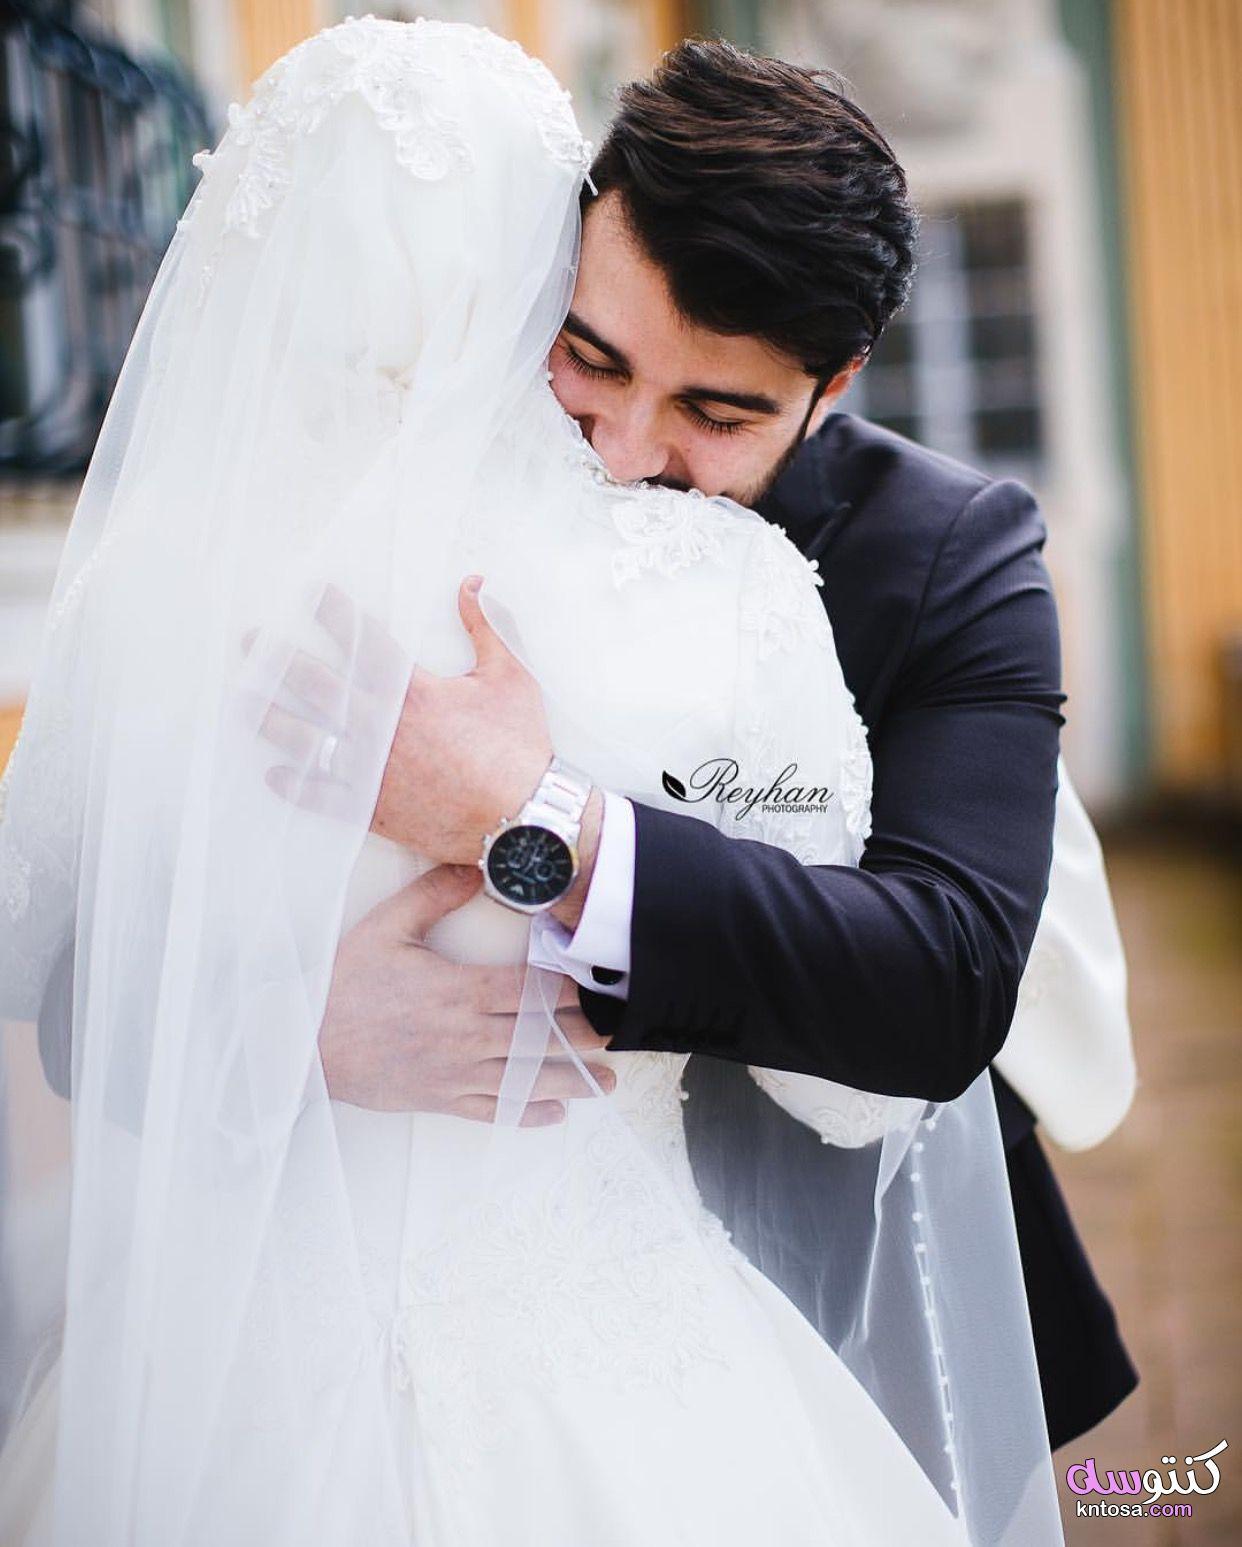 نصائح للعروسه المقبله علي الزواج.افضل نصائح لمعامله الزوج.نصائح للعروسه kntosa.com_01_19_156